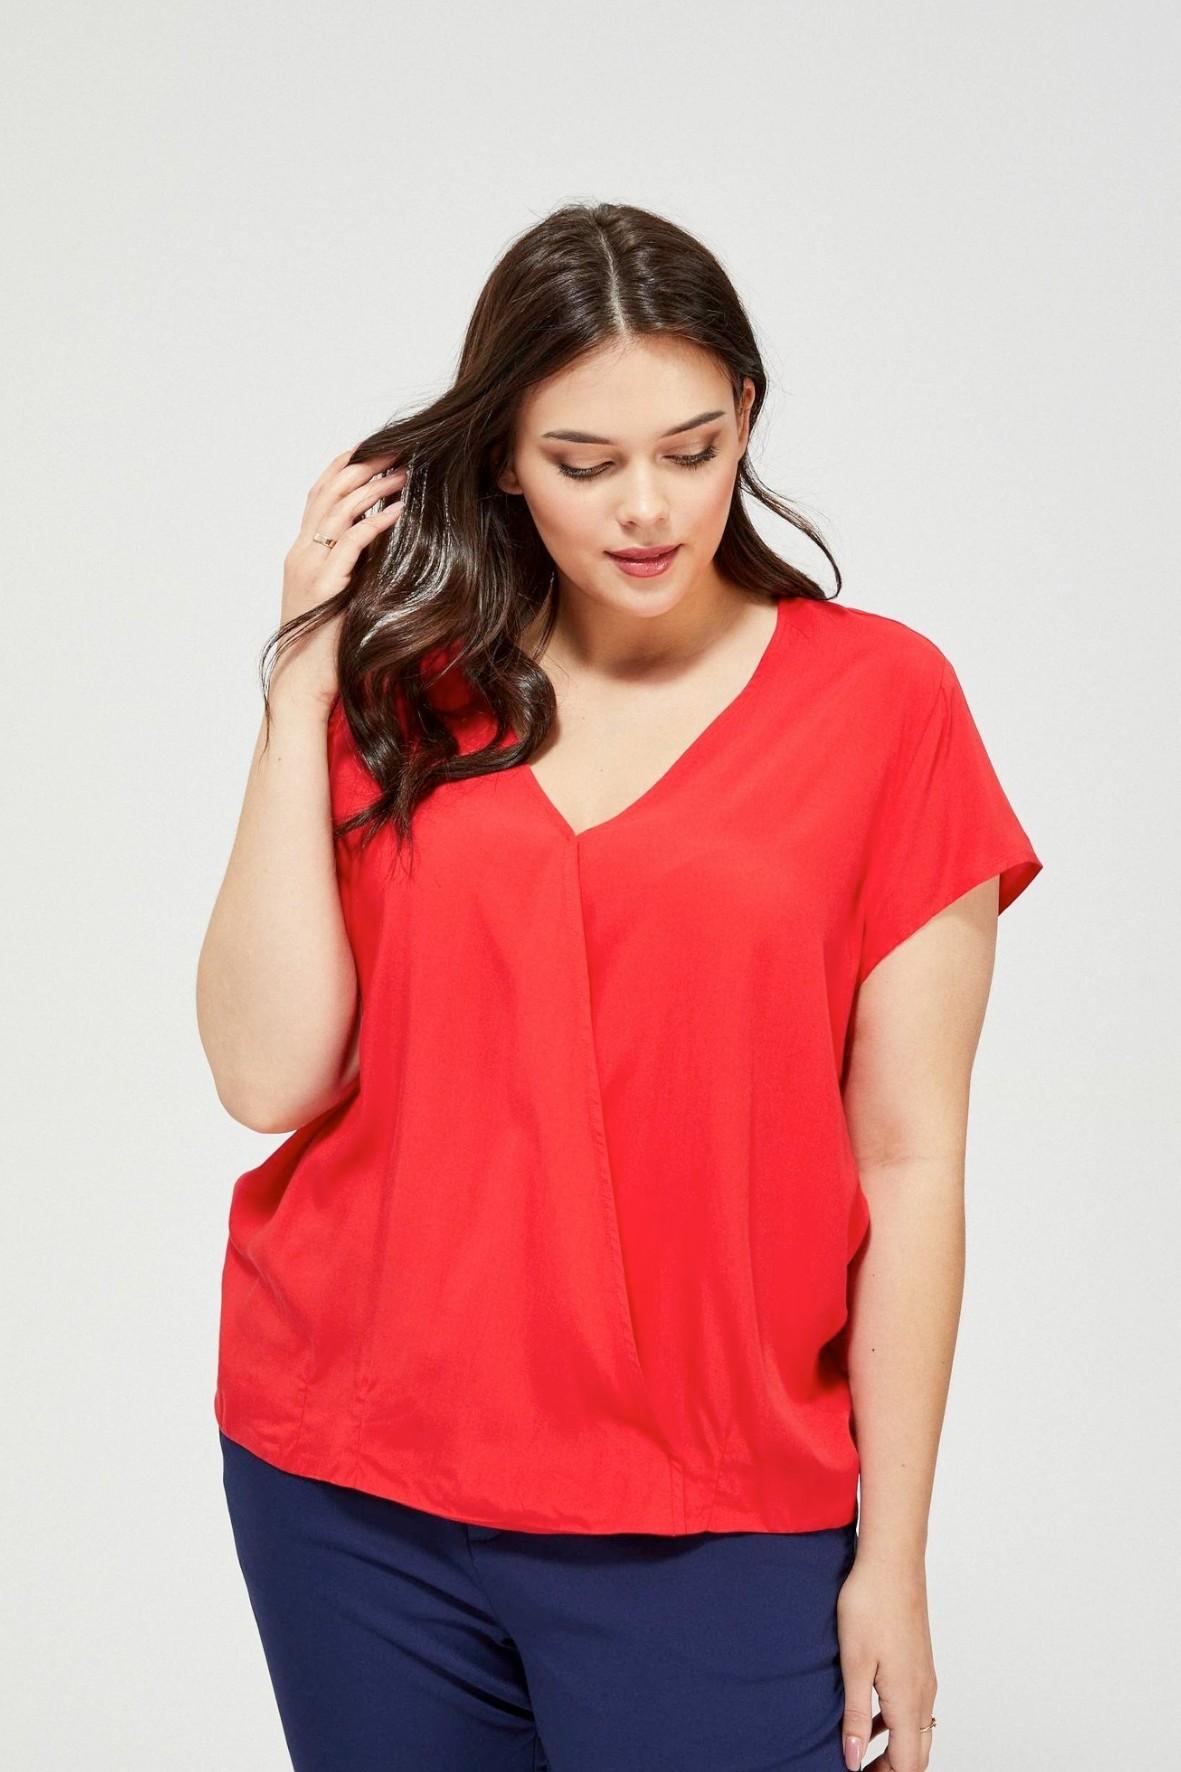 Bluzka damska koszulowa na krótki rękaw kopertowy dekolt czerwona